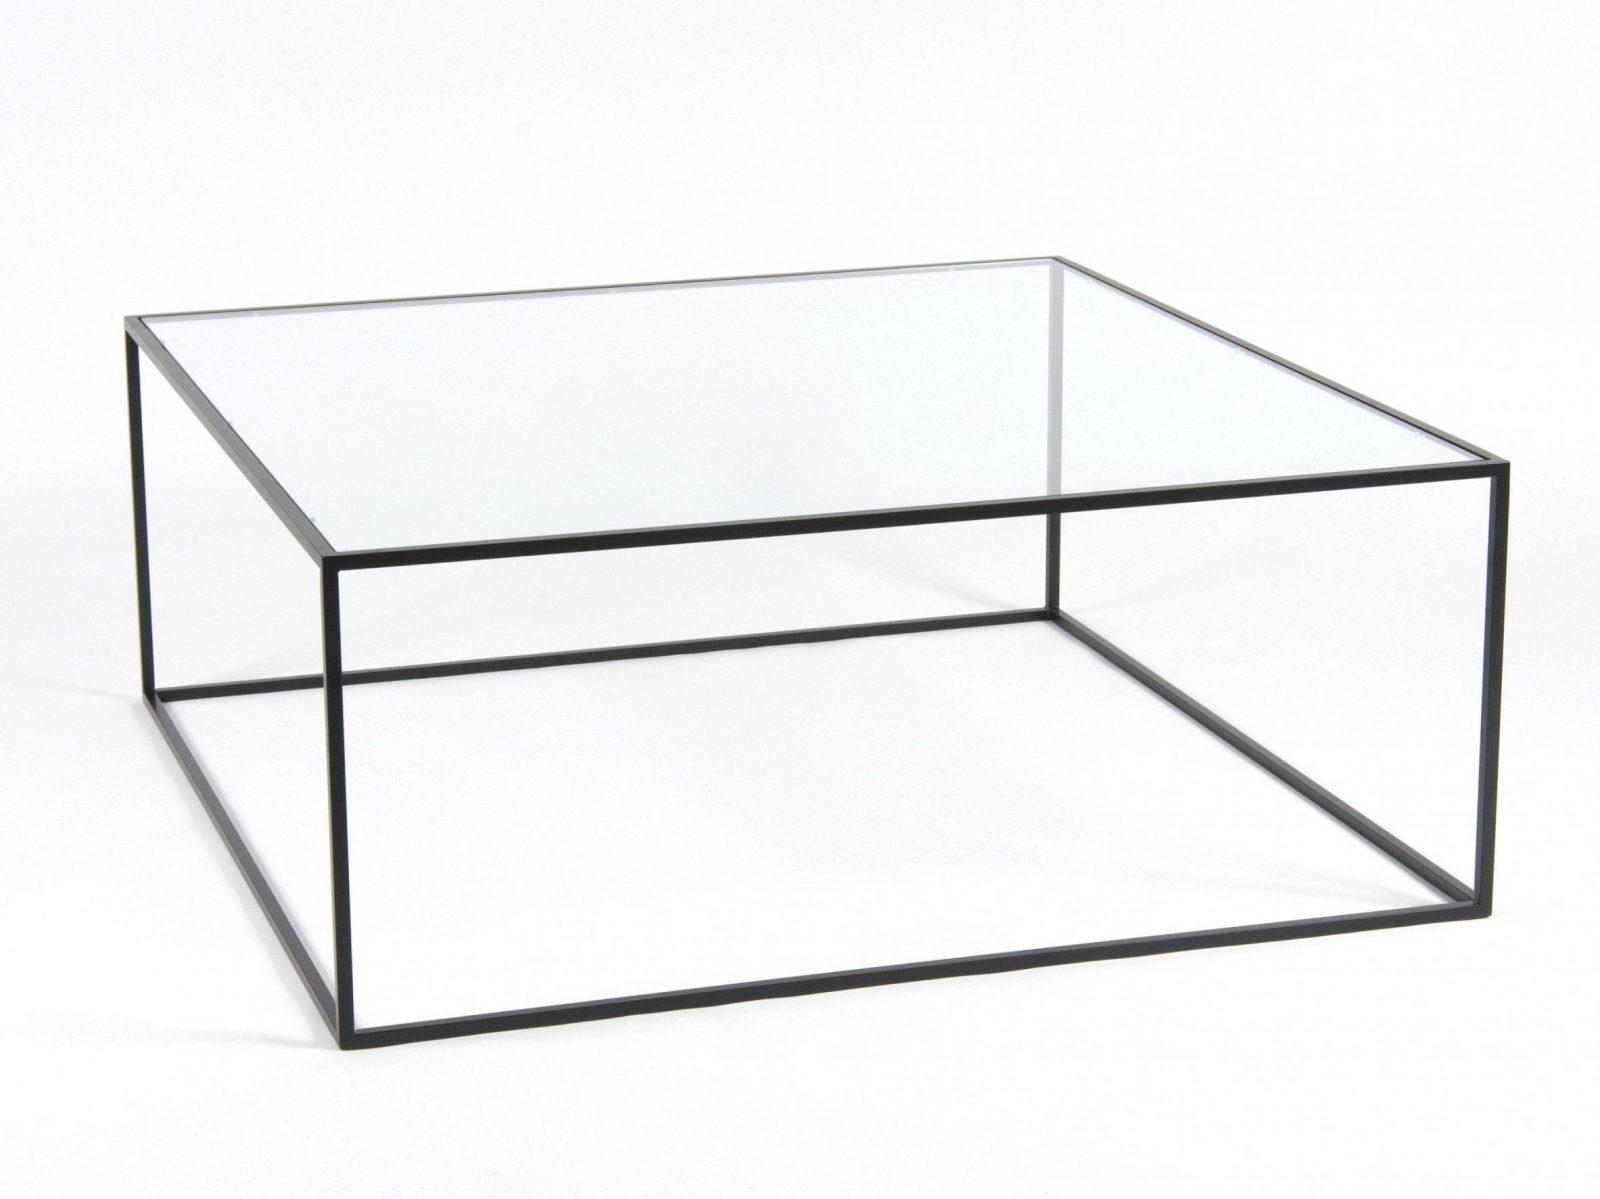 Neueste Einzigartig Exklusive Couchtische Glas Metall Couchtisch von Couchtisch Glas Metall Design Photo